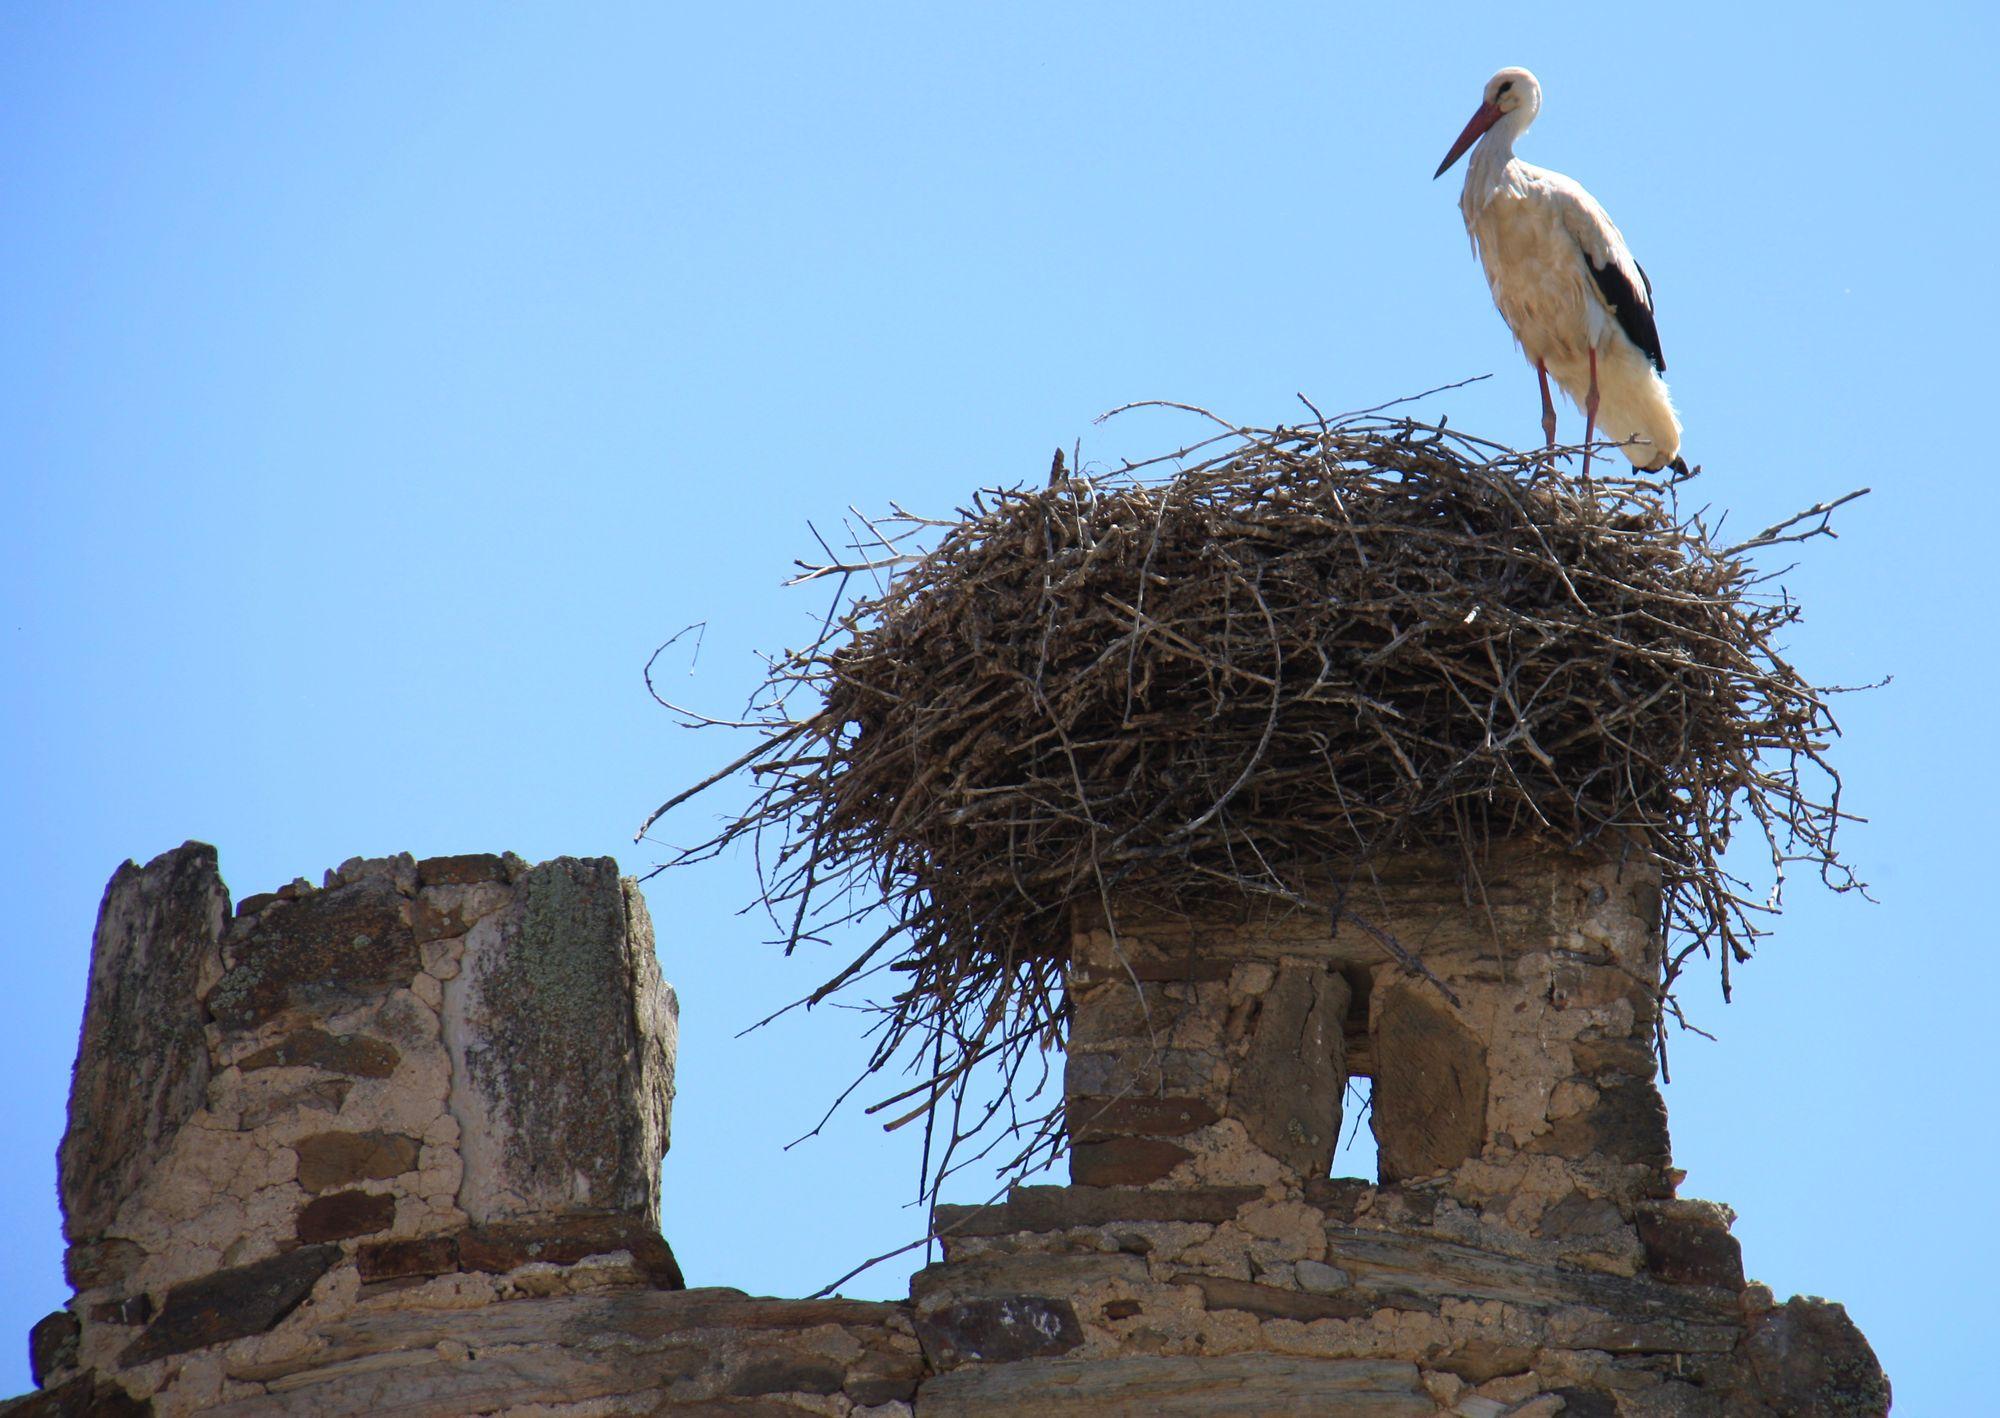 Ghostly Castle Ruins of Villanueva de Jamuz, Spain